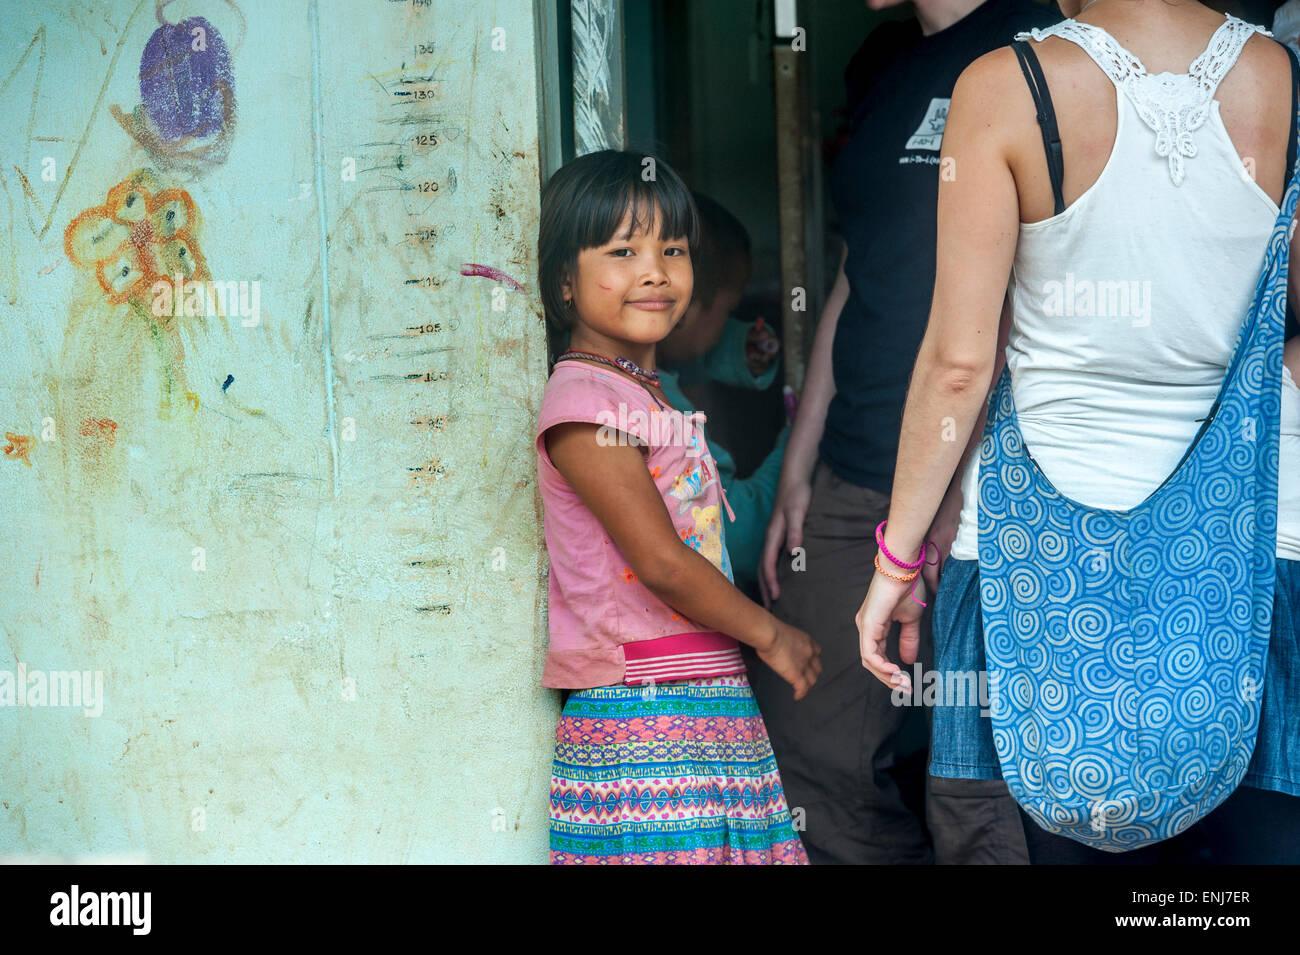 Studenti volontari ad aiutare una giovane ragazza dell'orfanotrofio a Sangkhlaburi. Kanchanaburi. Della Thailandia Immagini Stock